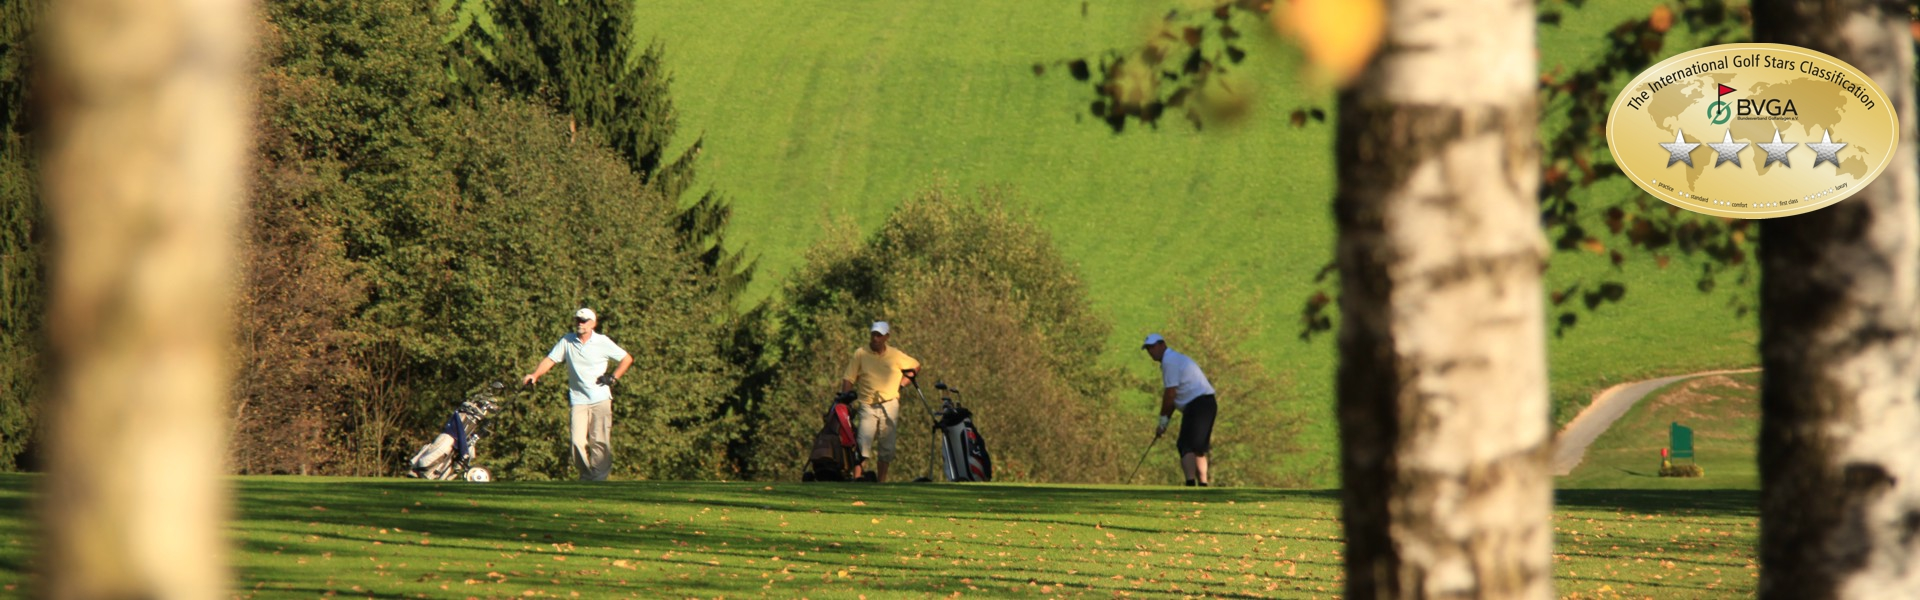 Bahn 14, Nuspl Nick, entspannt Golfen im Golf Resort Passau-Raßbach mit Golfakademie